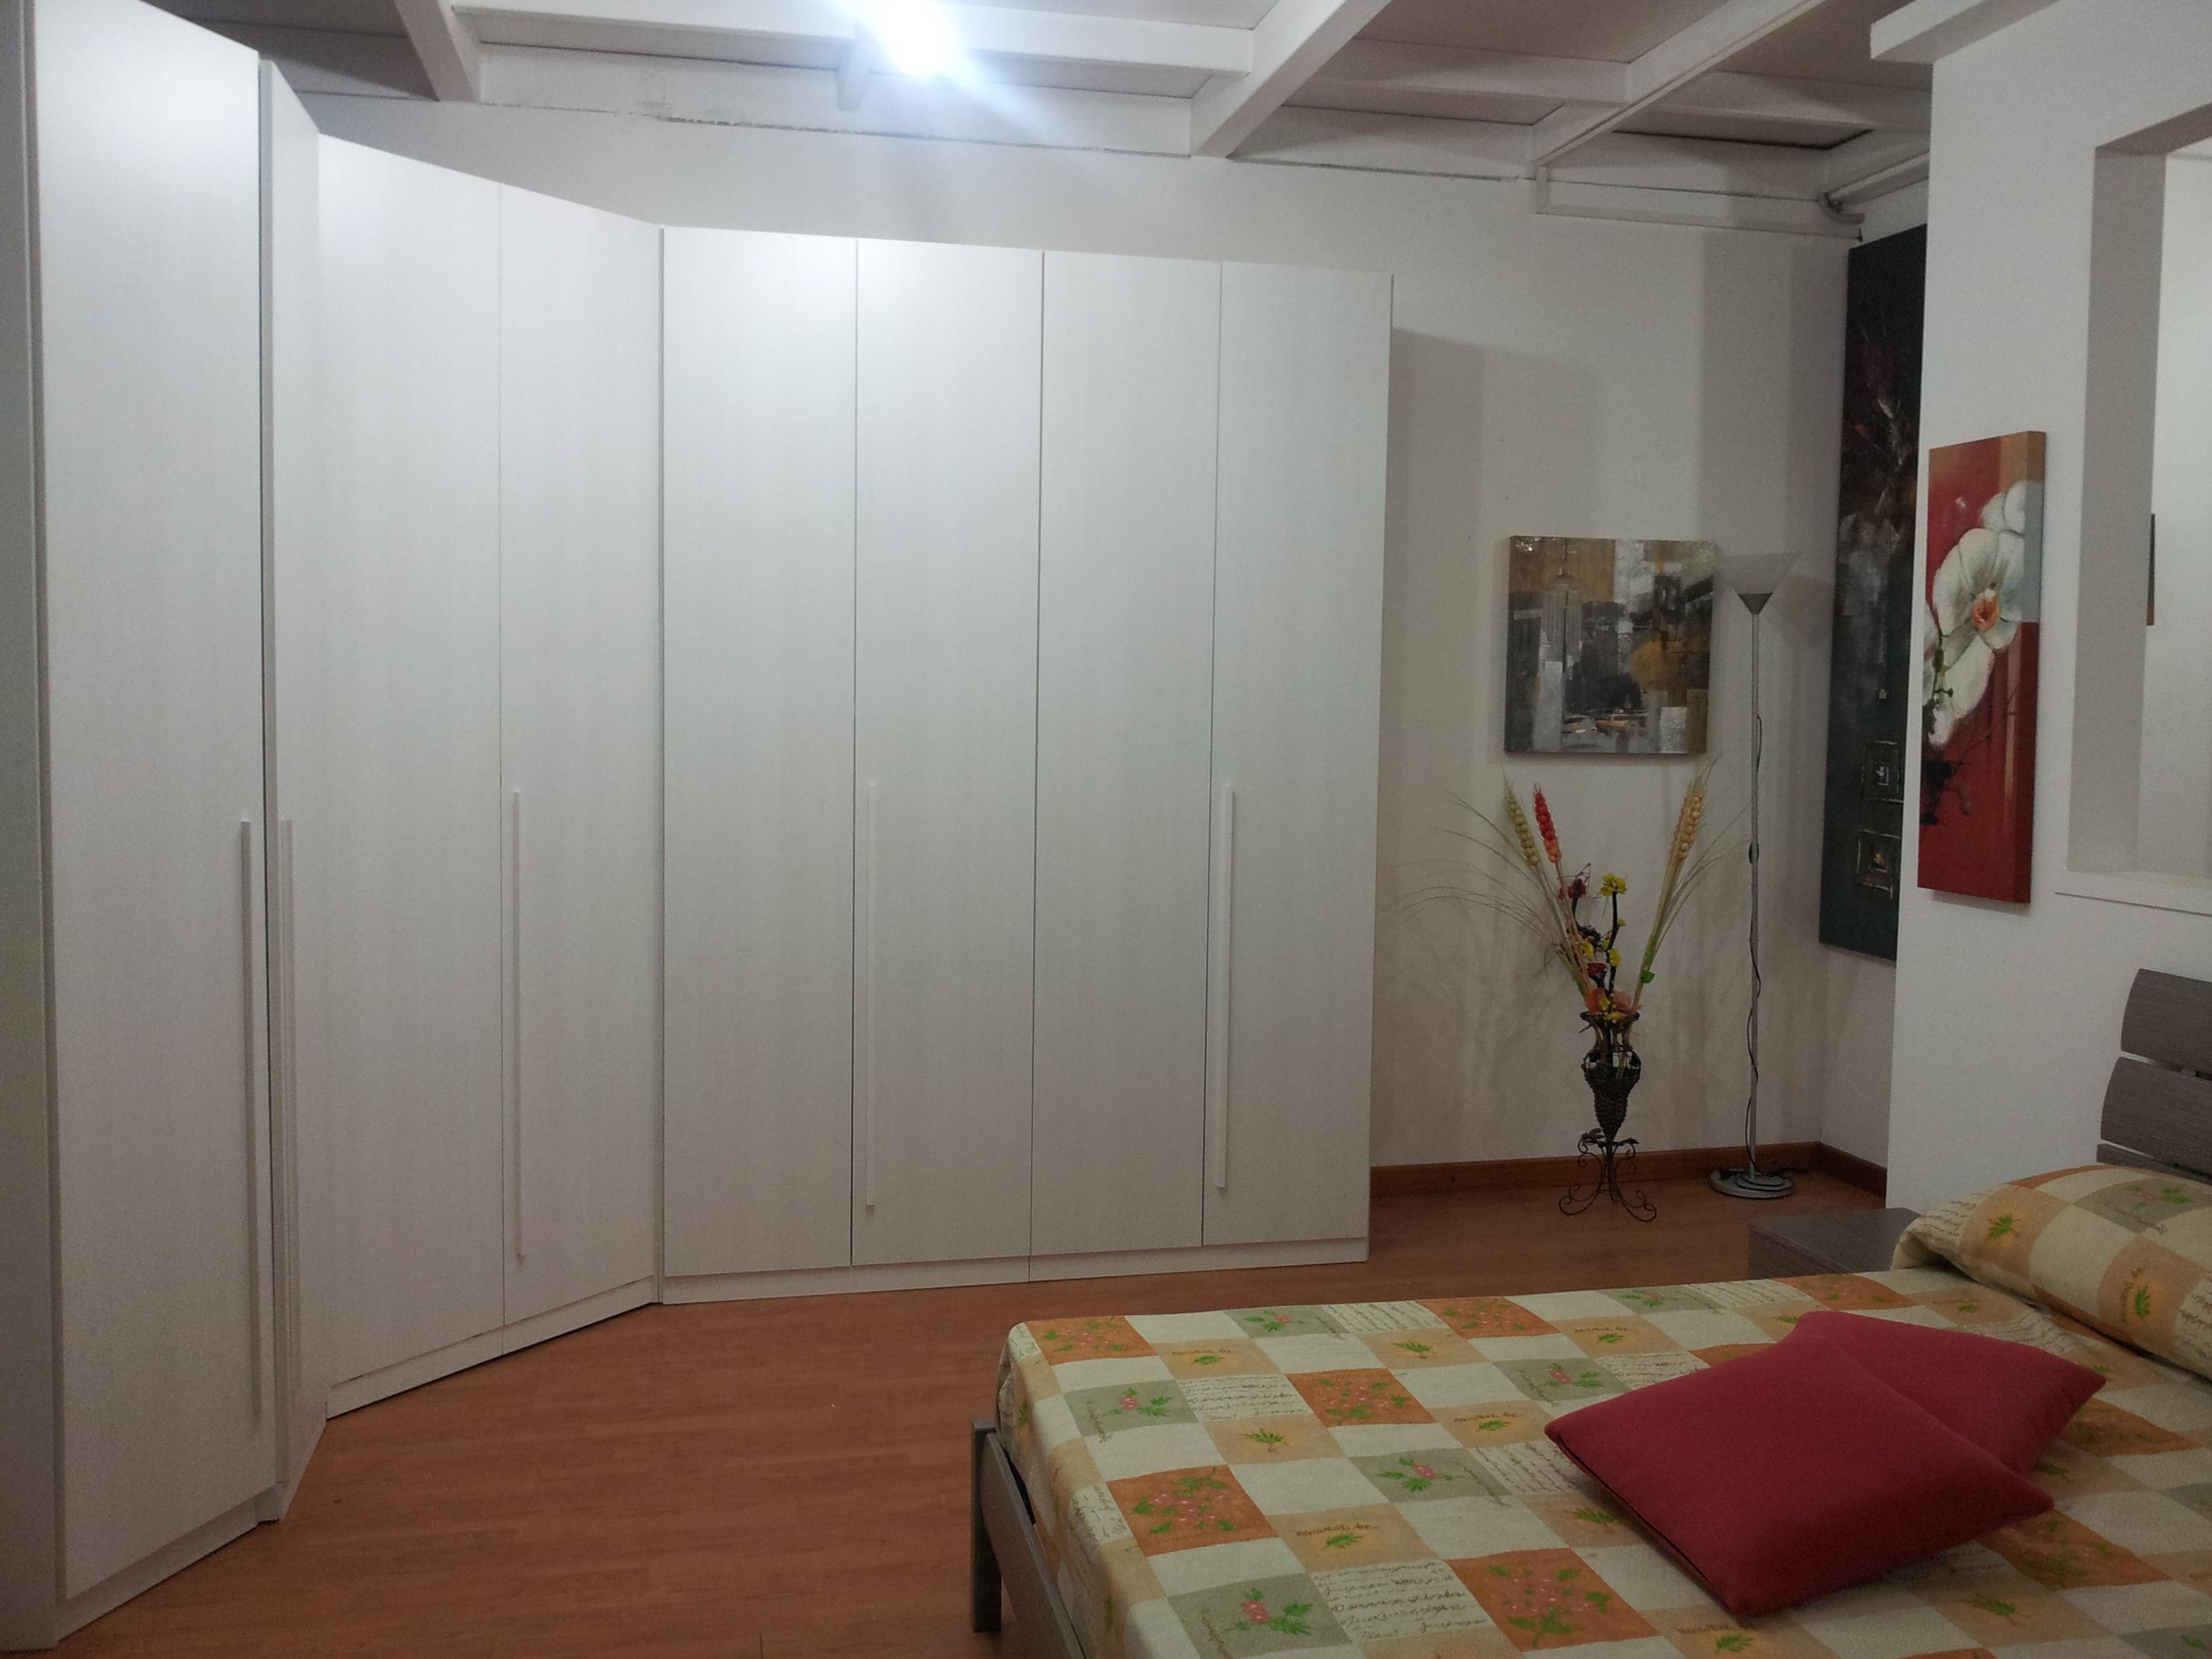 Immagini di camere da letto con cabina armadio : Camere con bagno e cabina armadio ~ trova le migliori idee per